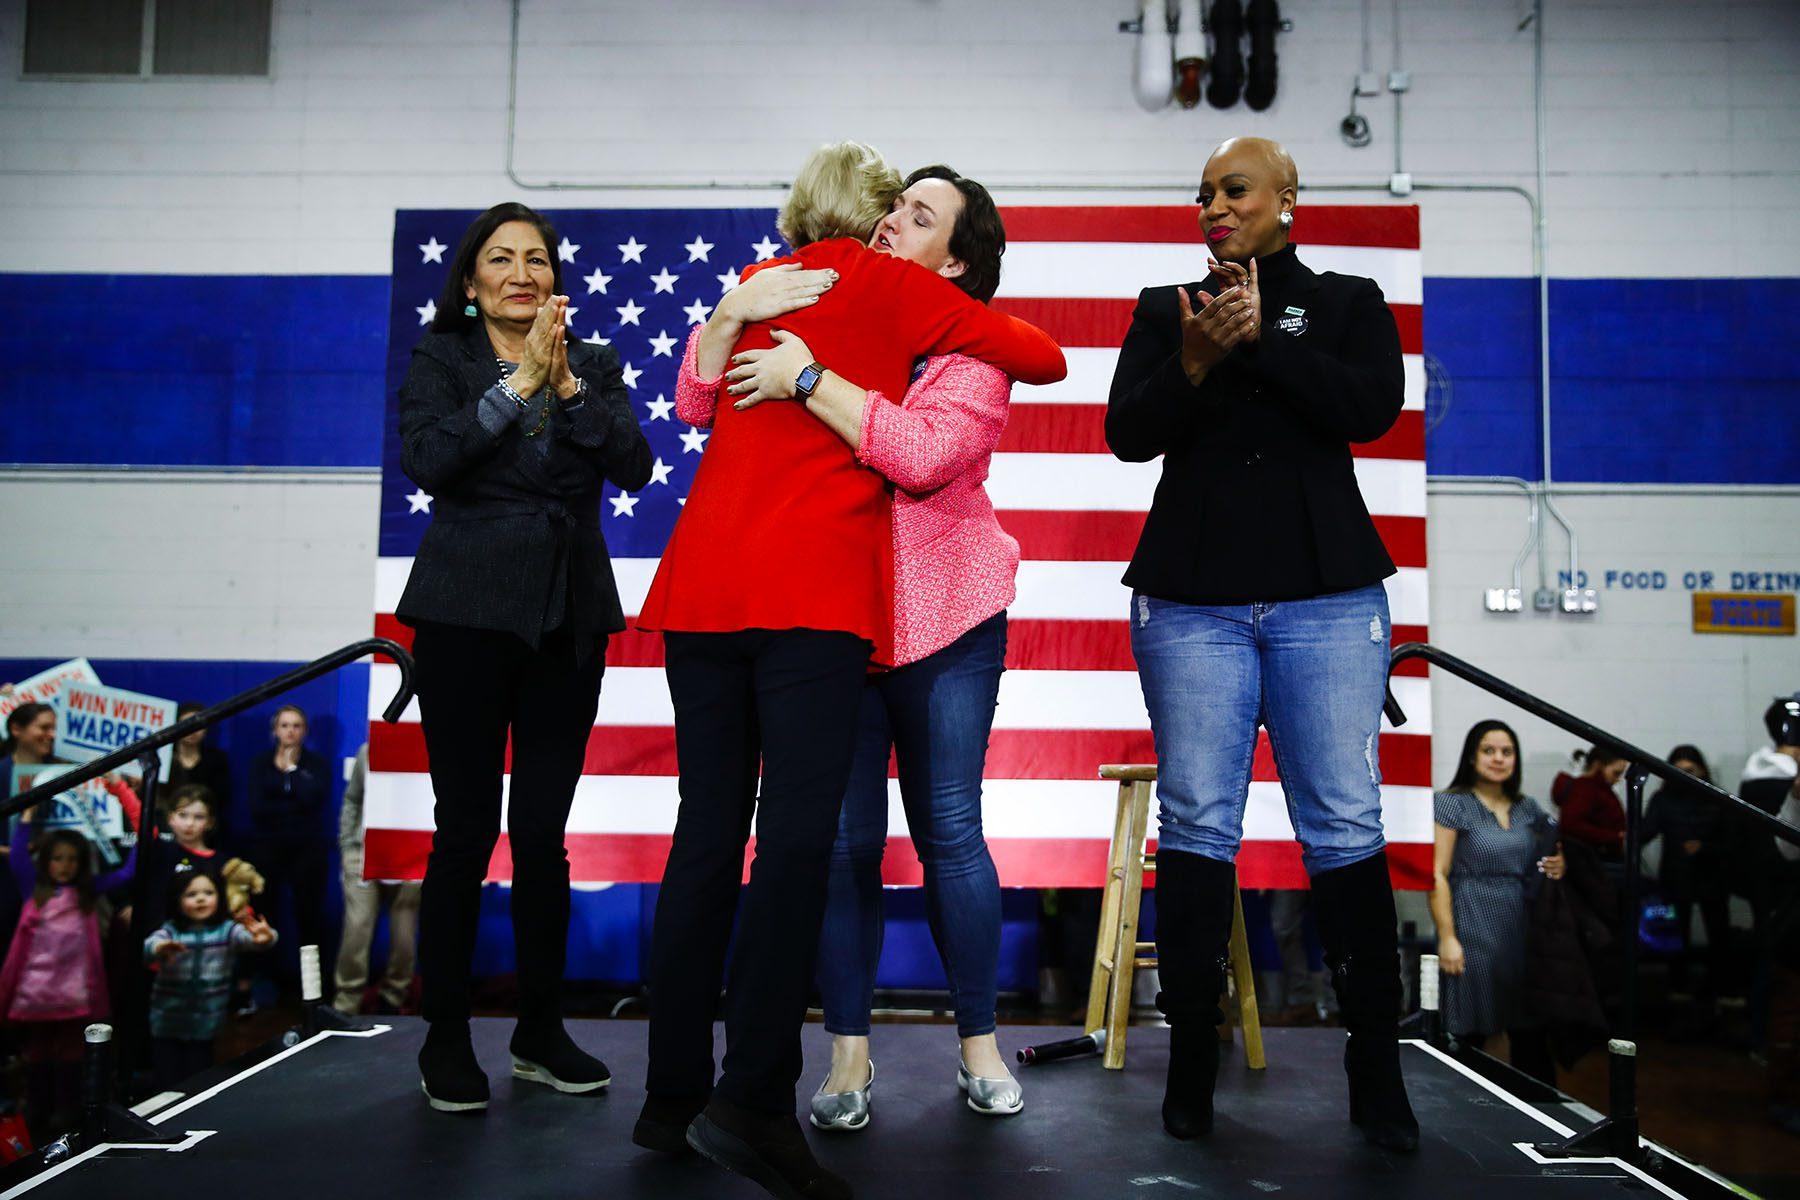 Warren hugs Katie Porter while Deb Haaland and Ayanna Pressley